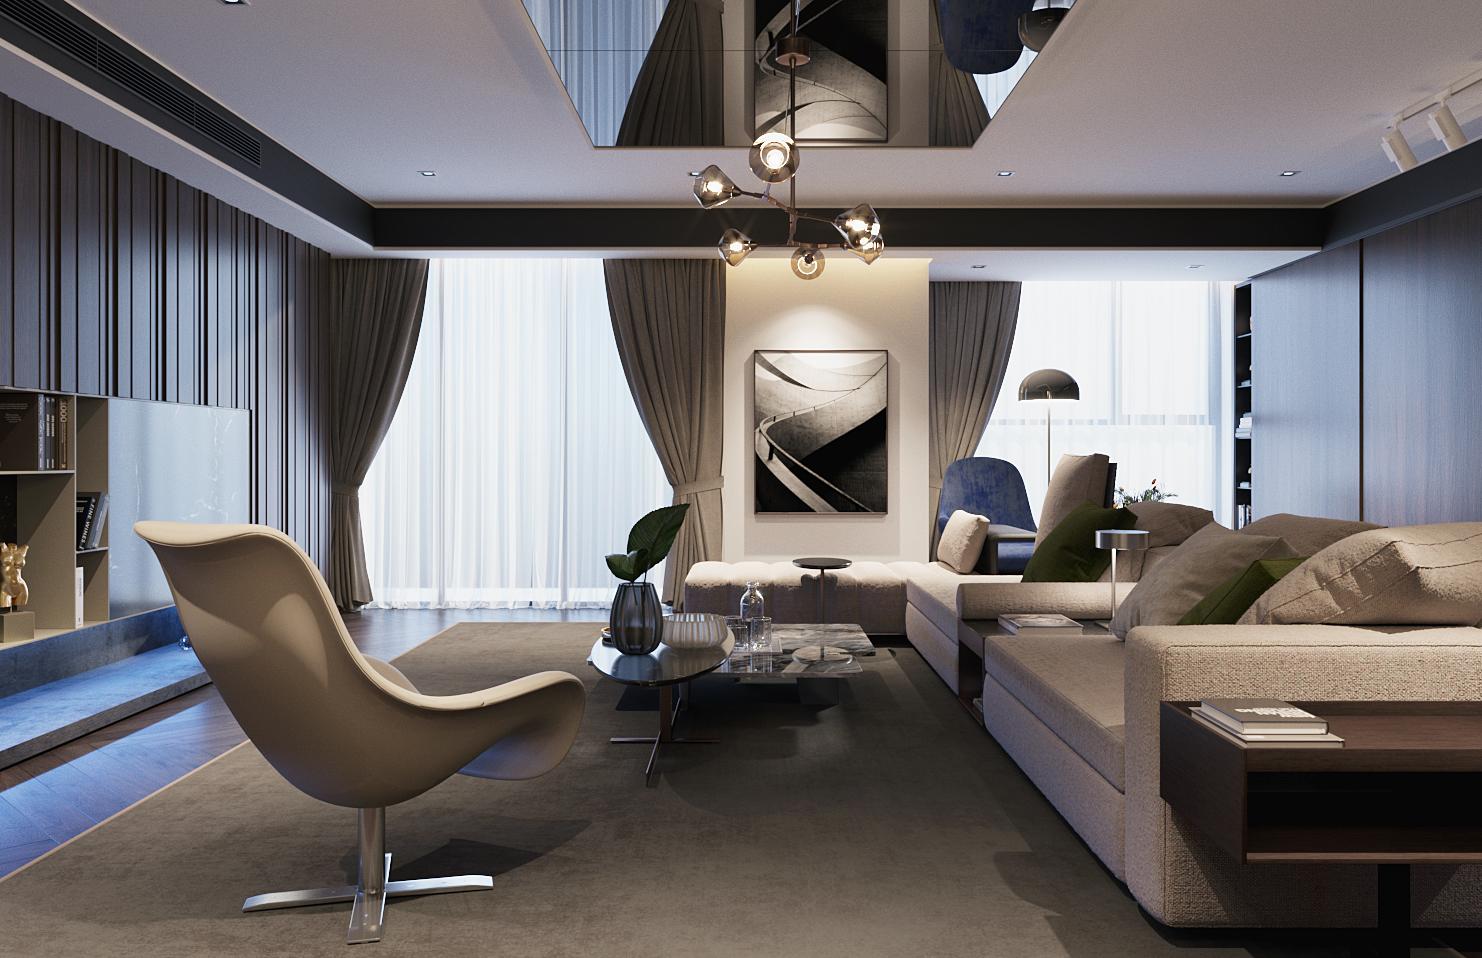 thiết kế nội thất chung cư tại Hà Nội VINCOM NGUYEN CHI THANH - APARTMENT 10 1533622268